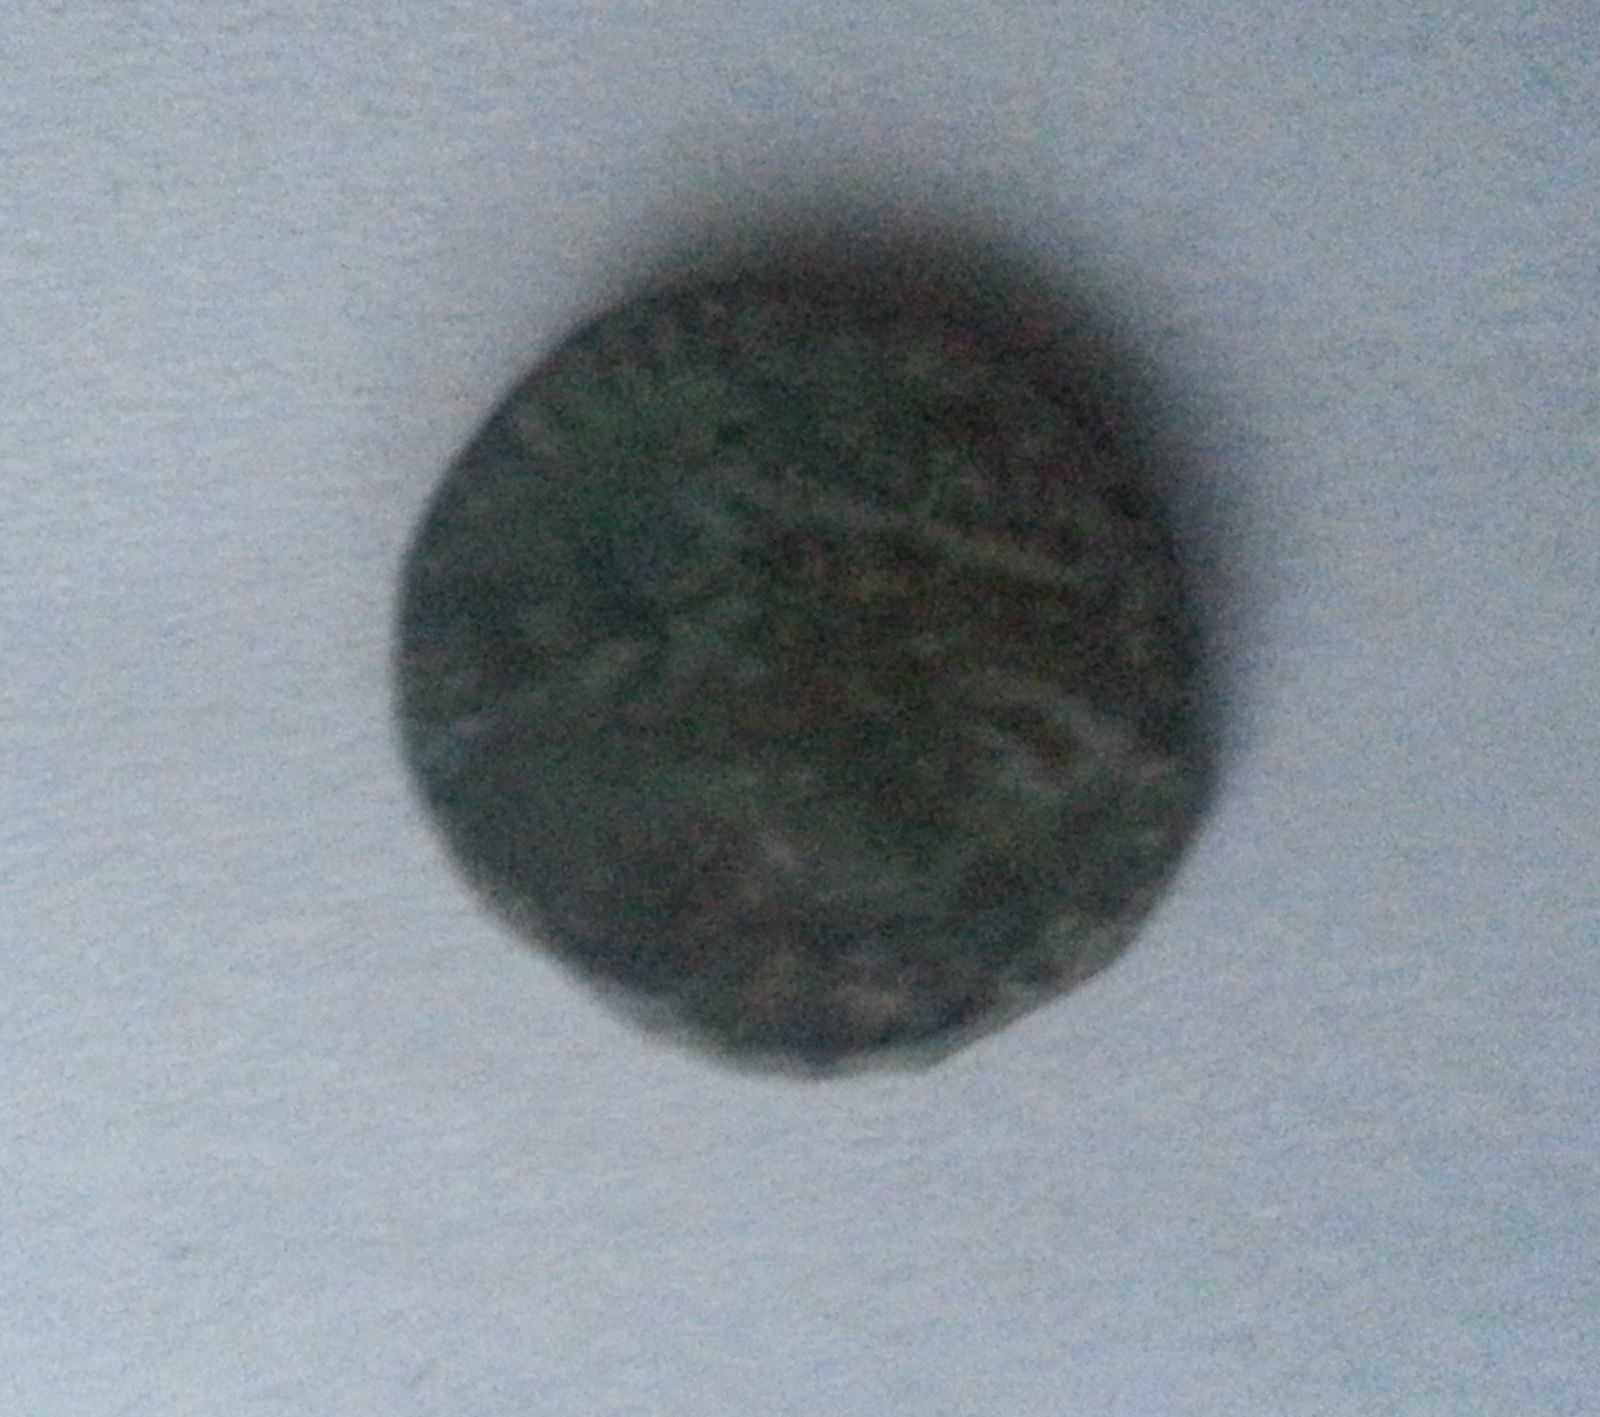 AE-1/2, centenionalis, táborová brána, mincovna Thessalonica, Theodosius I., 379-95, S:20533, Řím-císařství